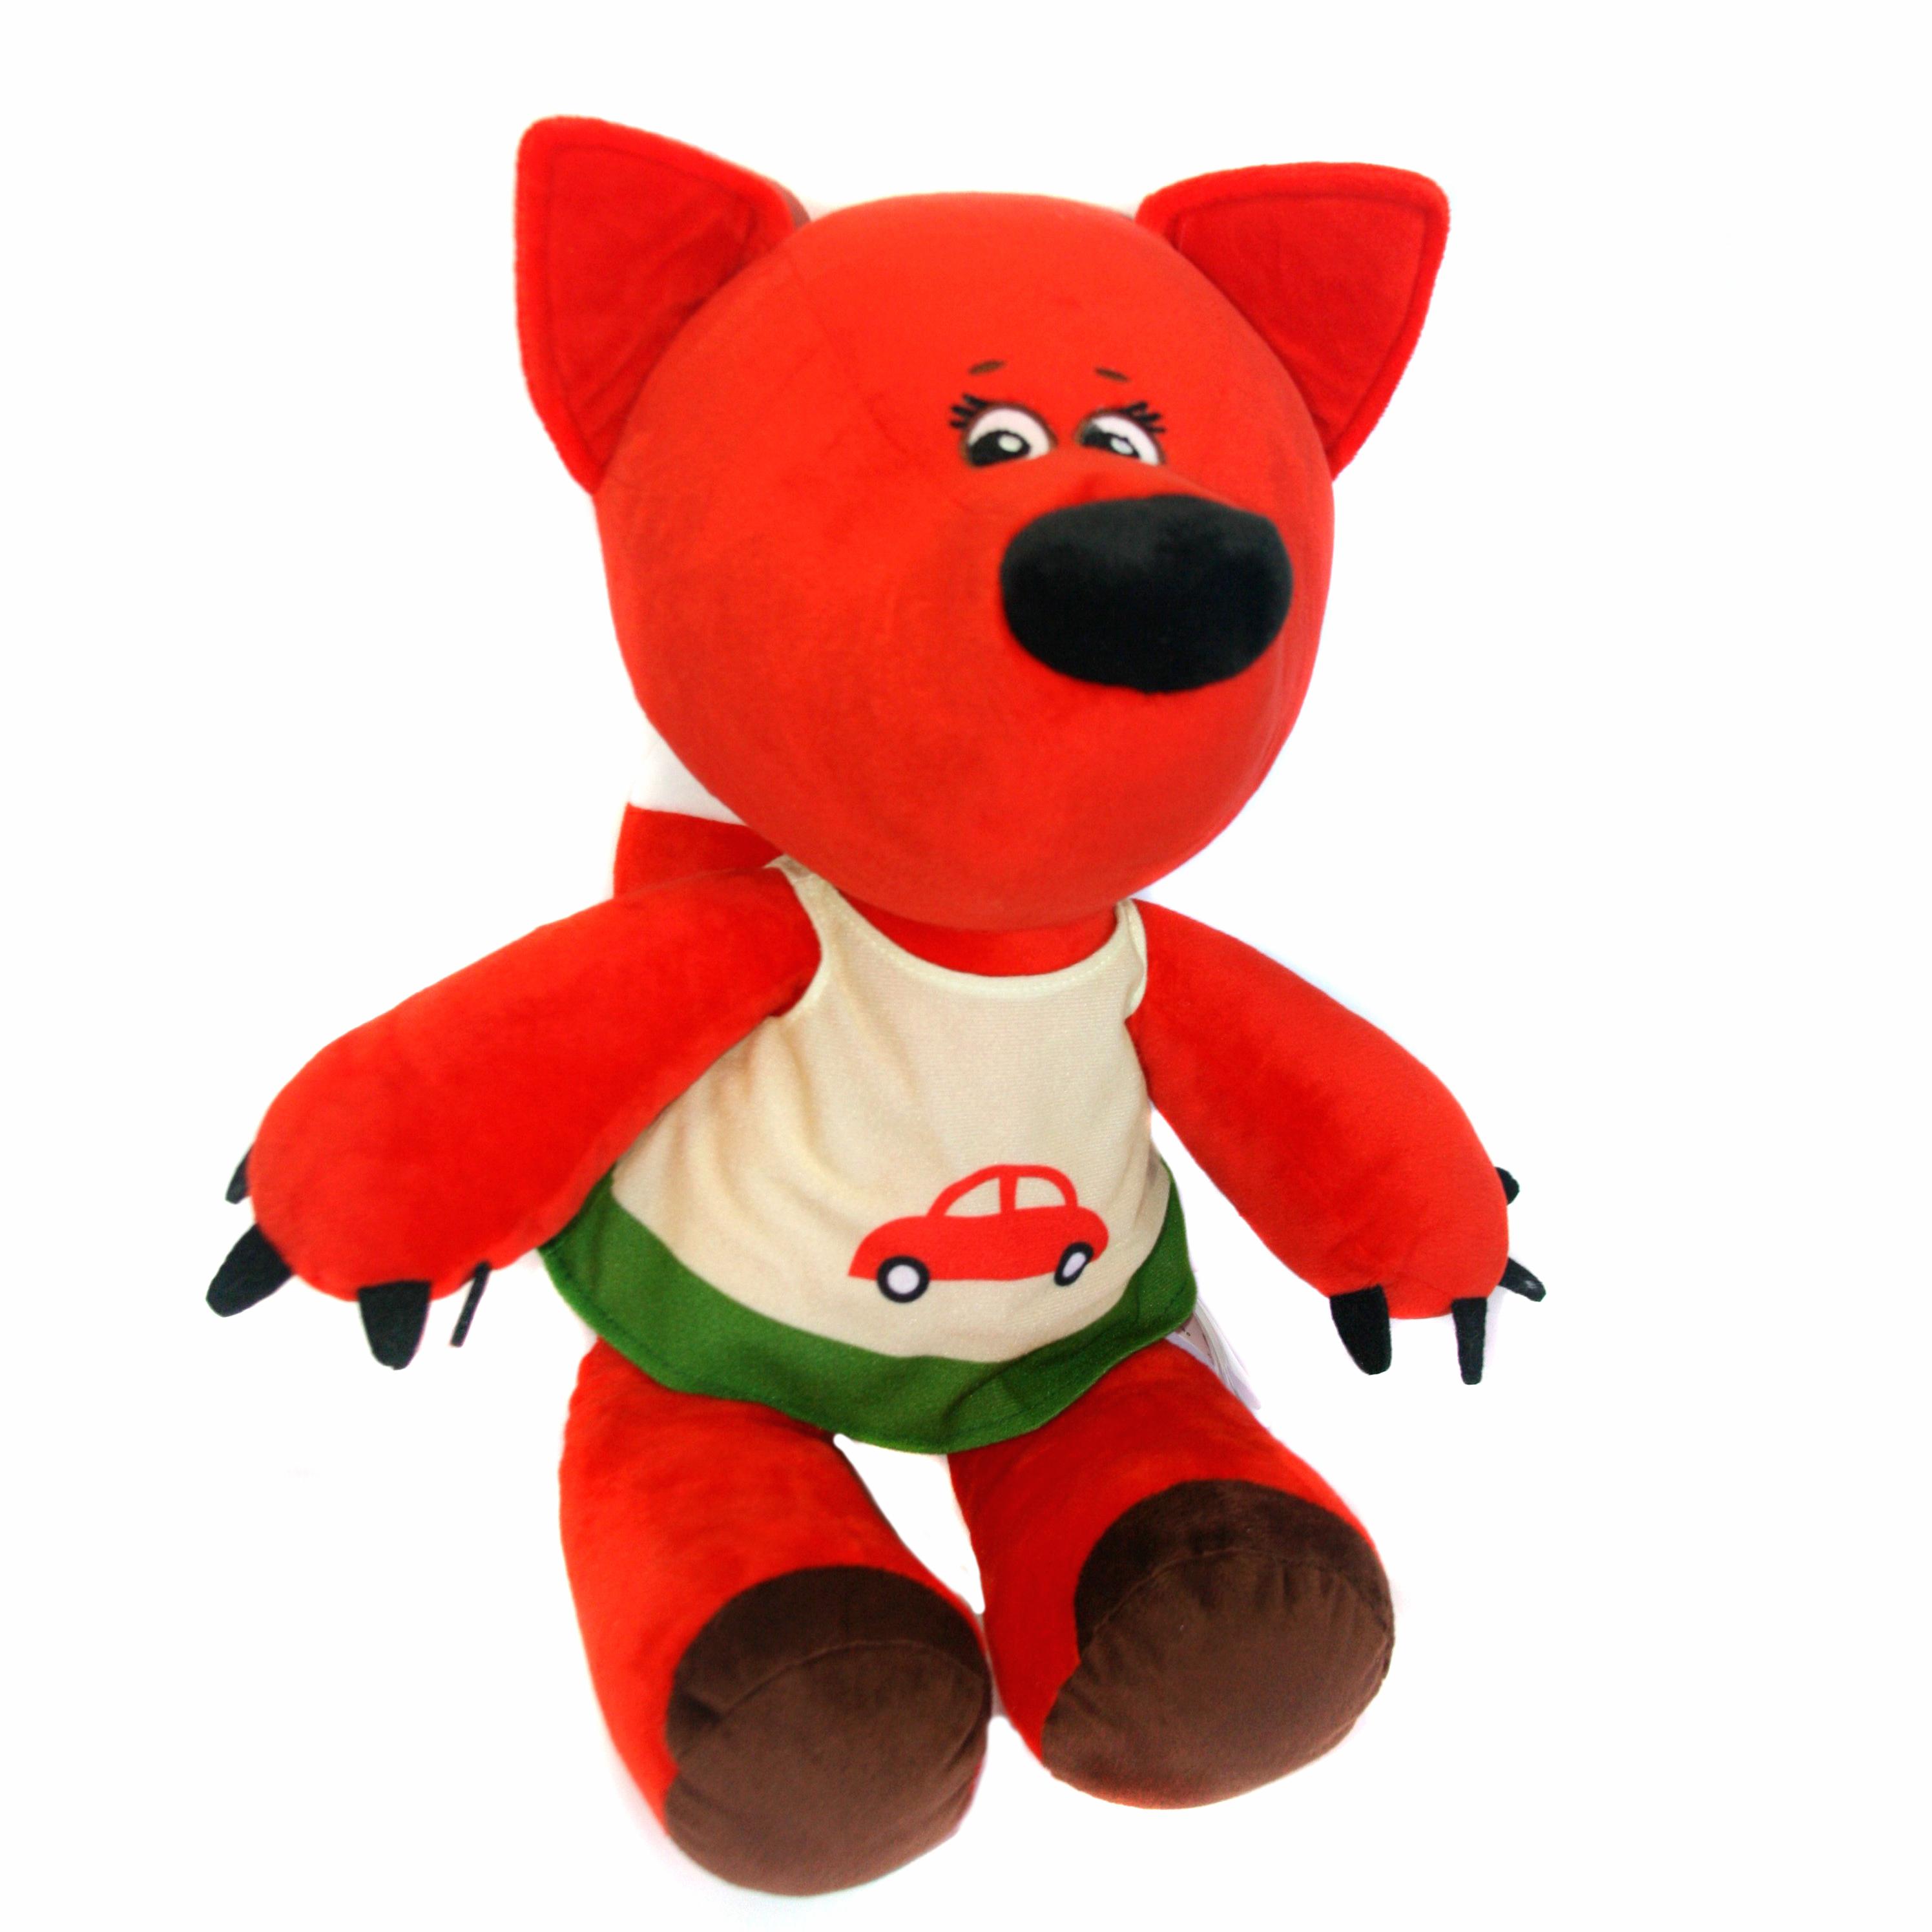 Мягкие игрушки СмолТойс «Мимимишки. Лисичка» 50 см мягкая игрушка смолтойс зайка даша 53 см